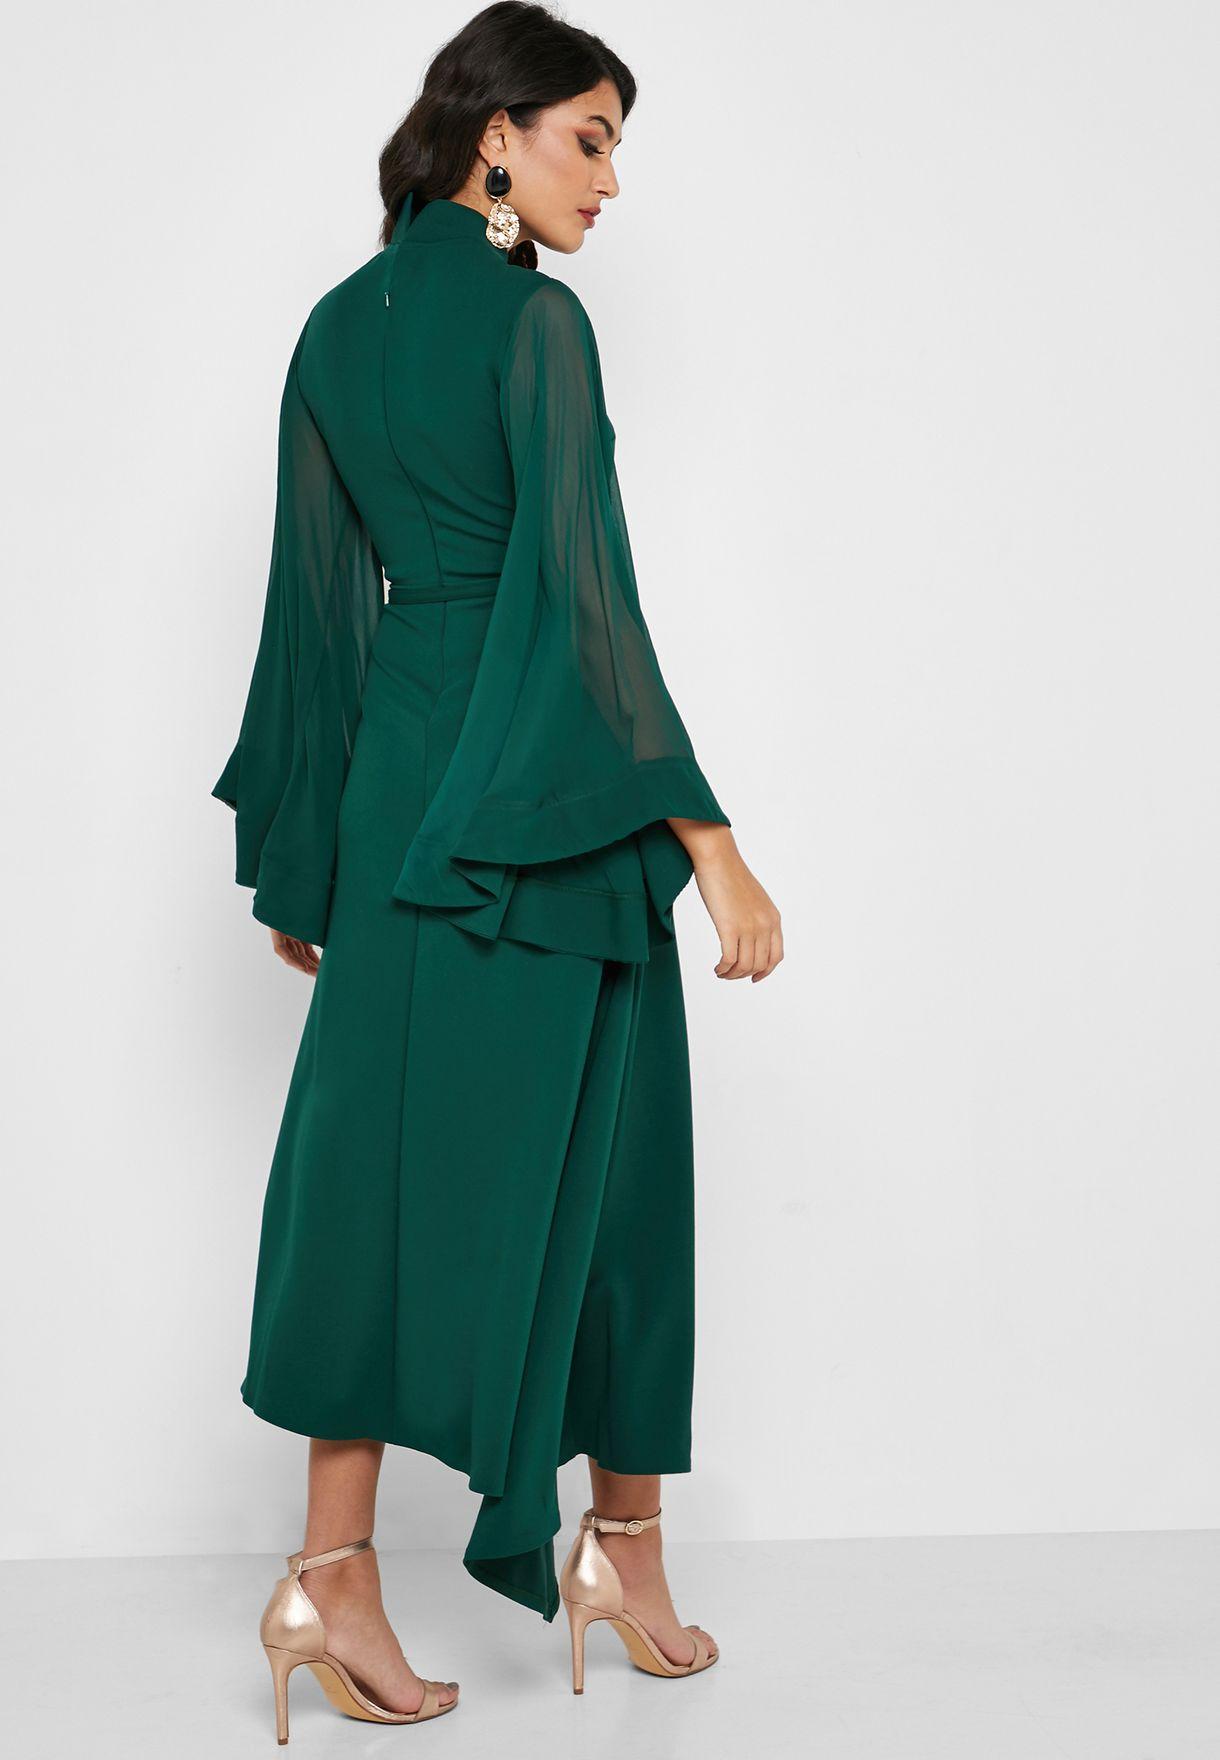 فستان بأكمام واسعة شفافة مع اربطة